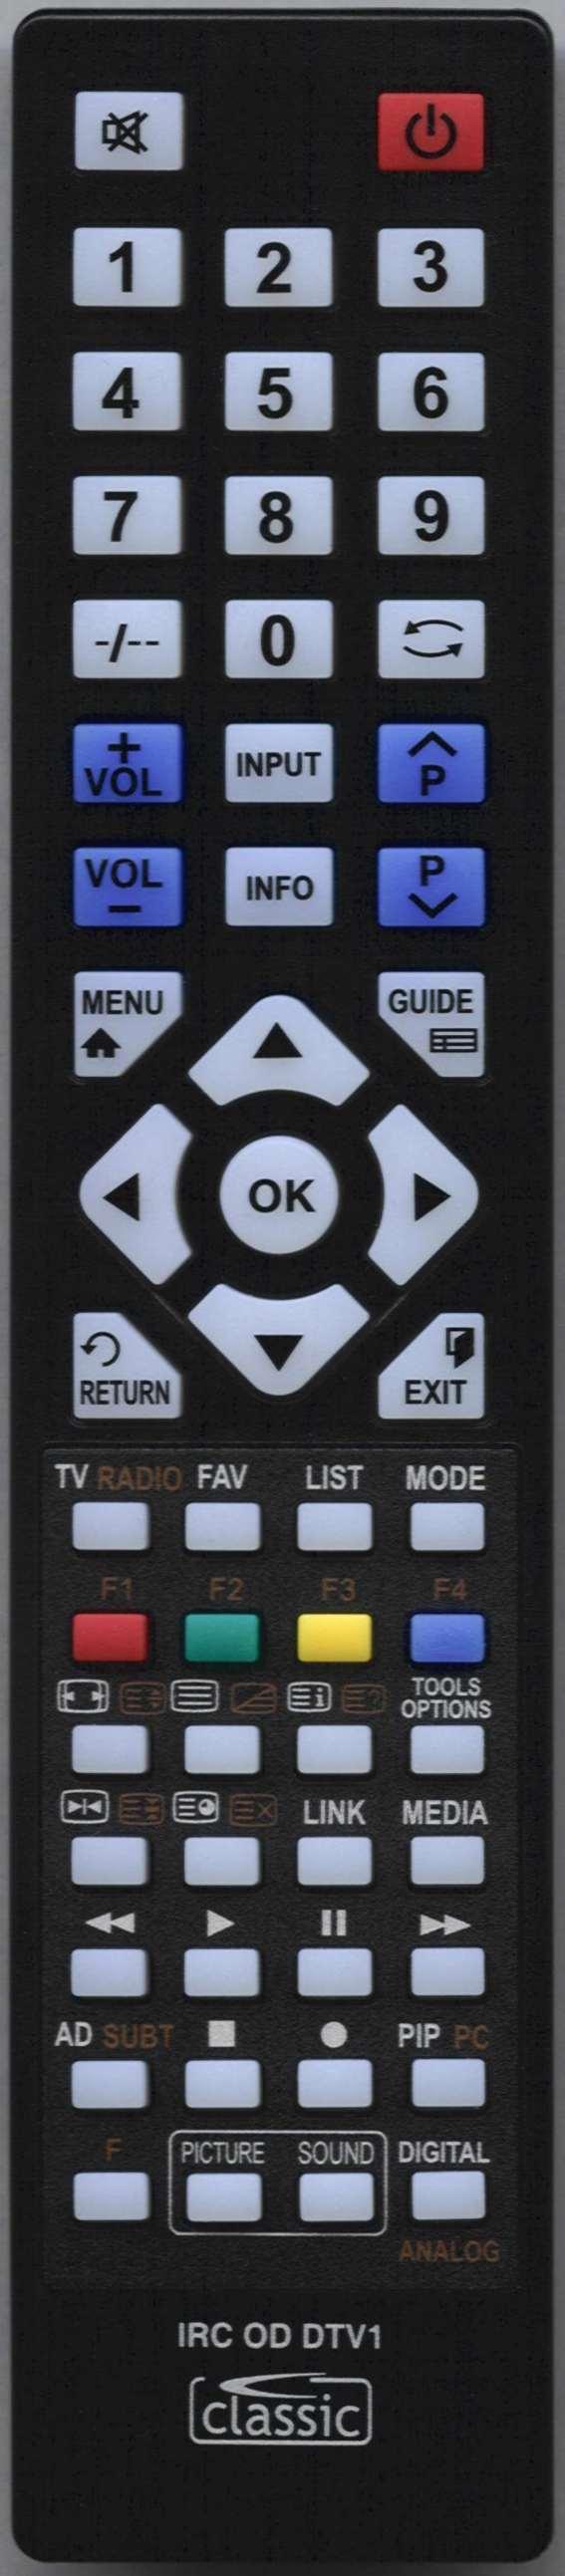 TECHNIKA LED22-248COMI Remote Control Alternative